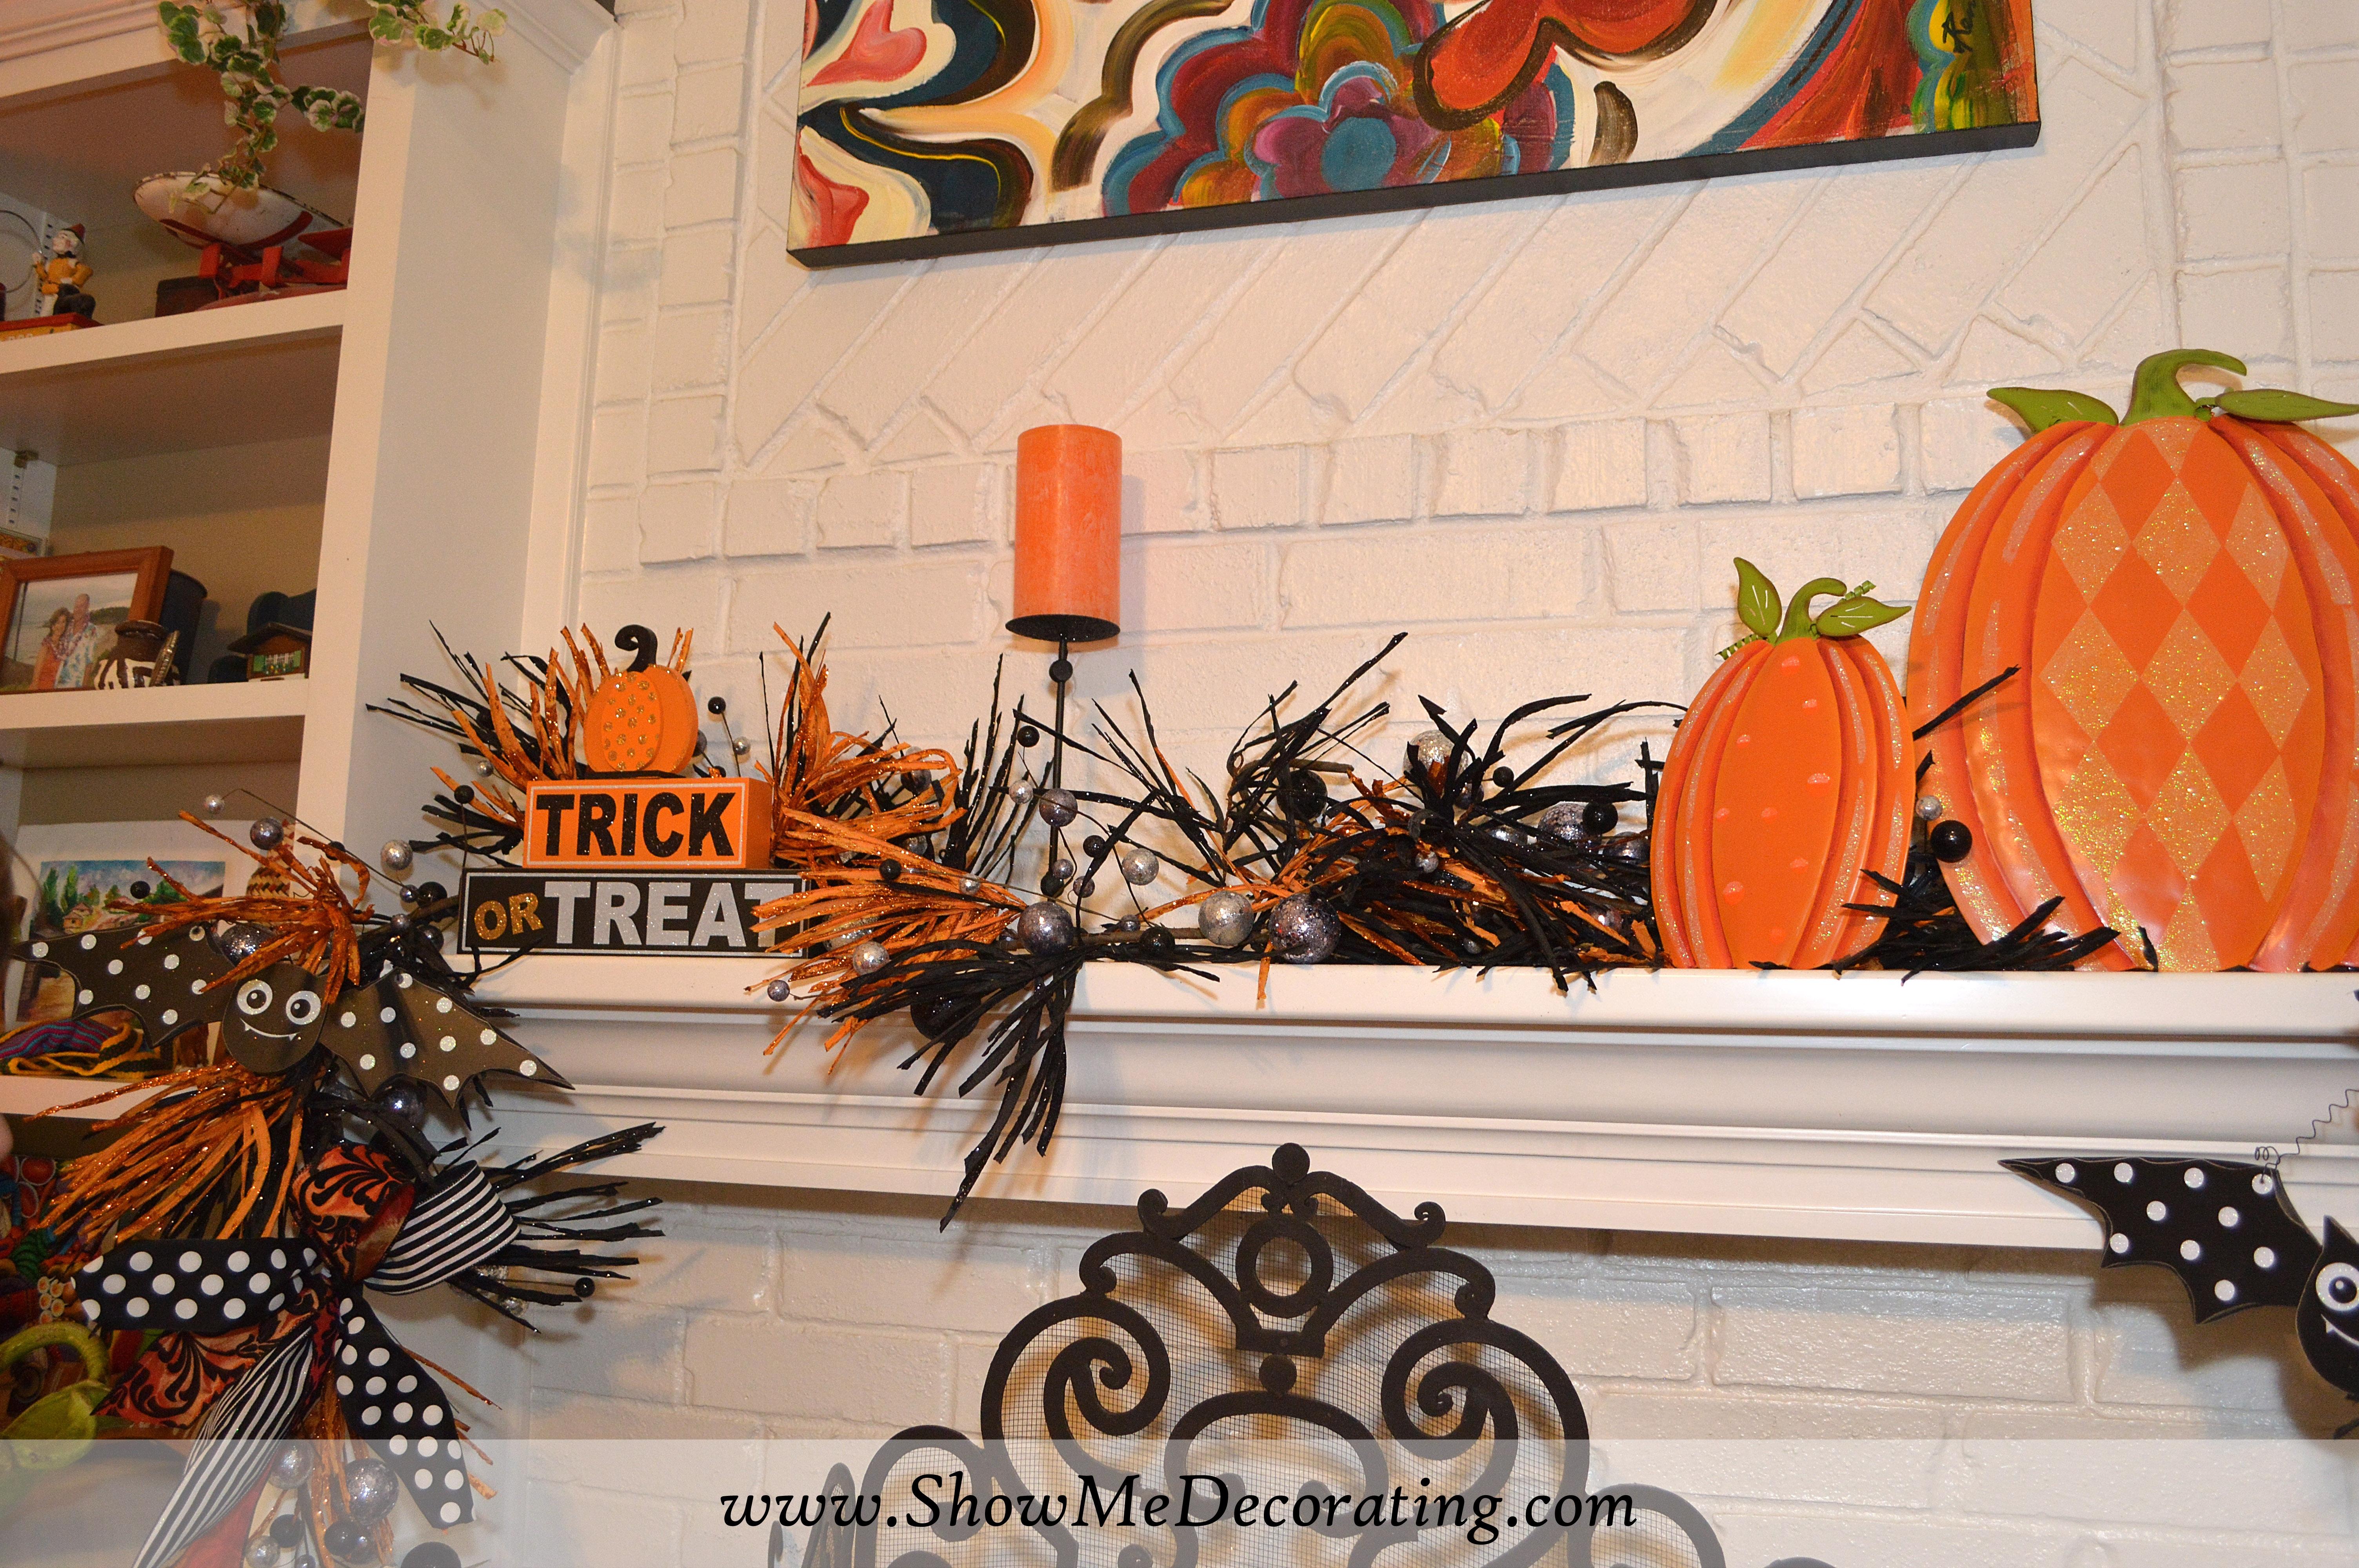 Show Me a Halloween Mantel DIY Show Me Decorating - Show Me Halloween Decorations